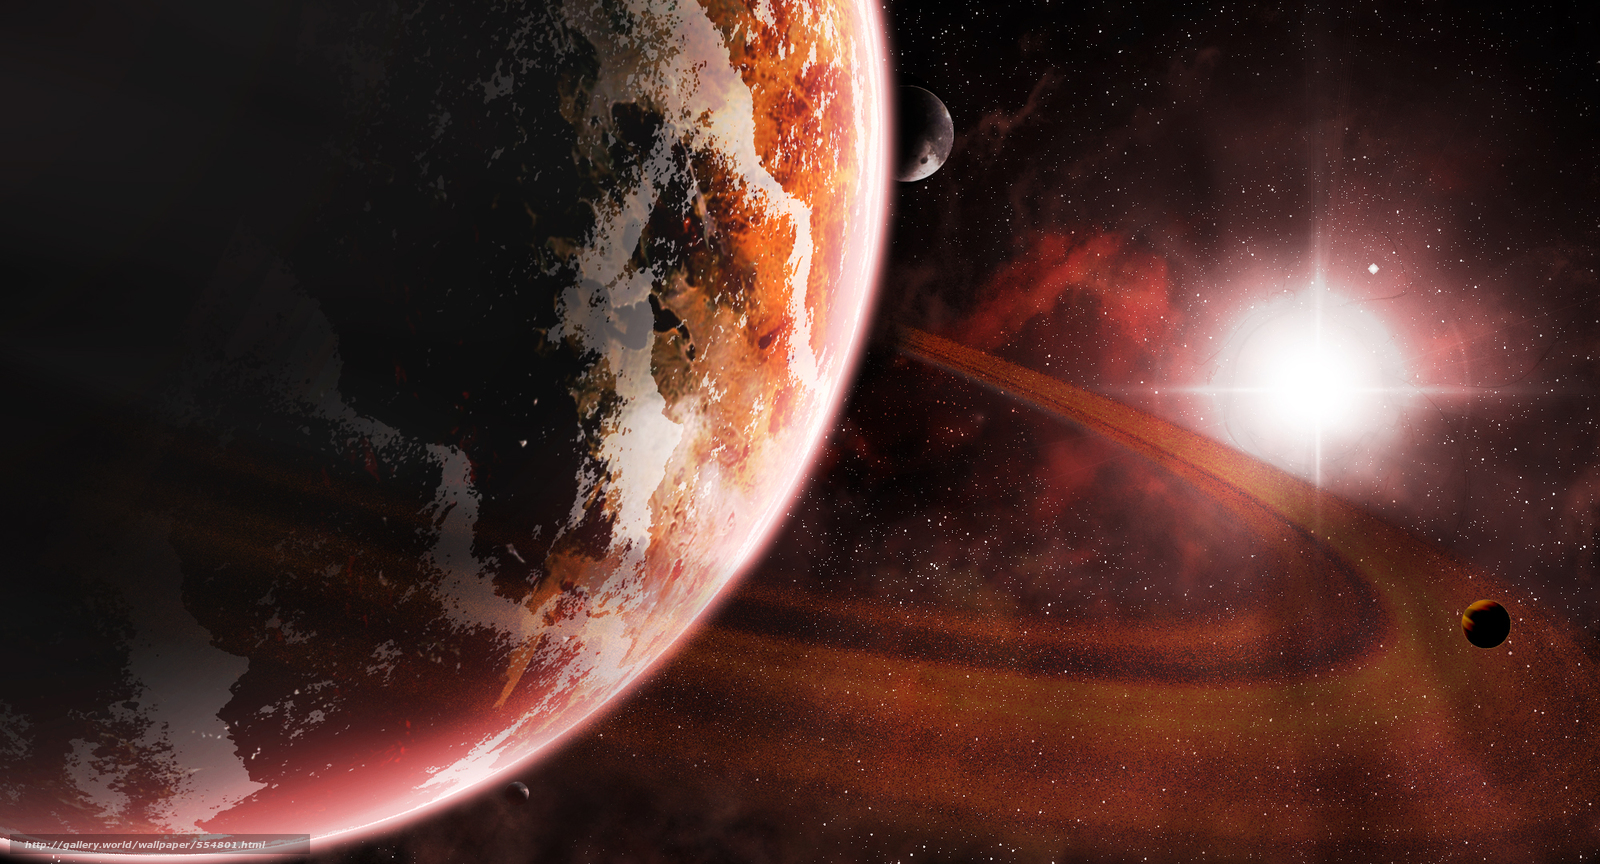 Скачать обои космос,  3d,  art бесплатно для рабочего стола в разрешении 2000x1080 — картинка №554801